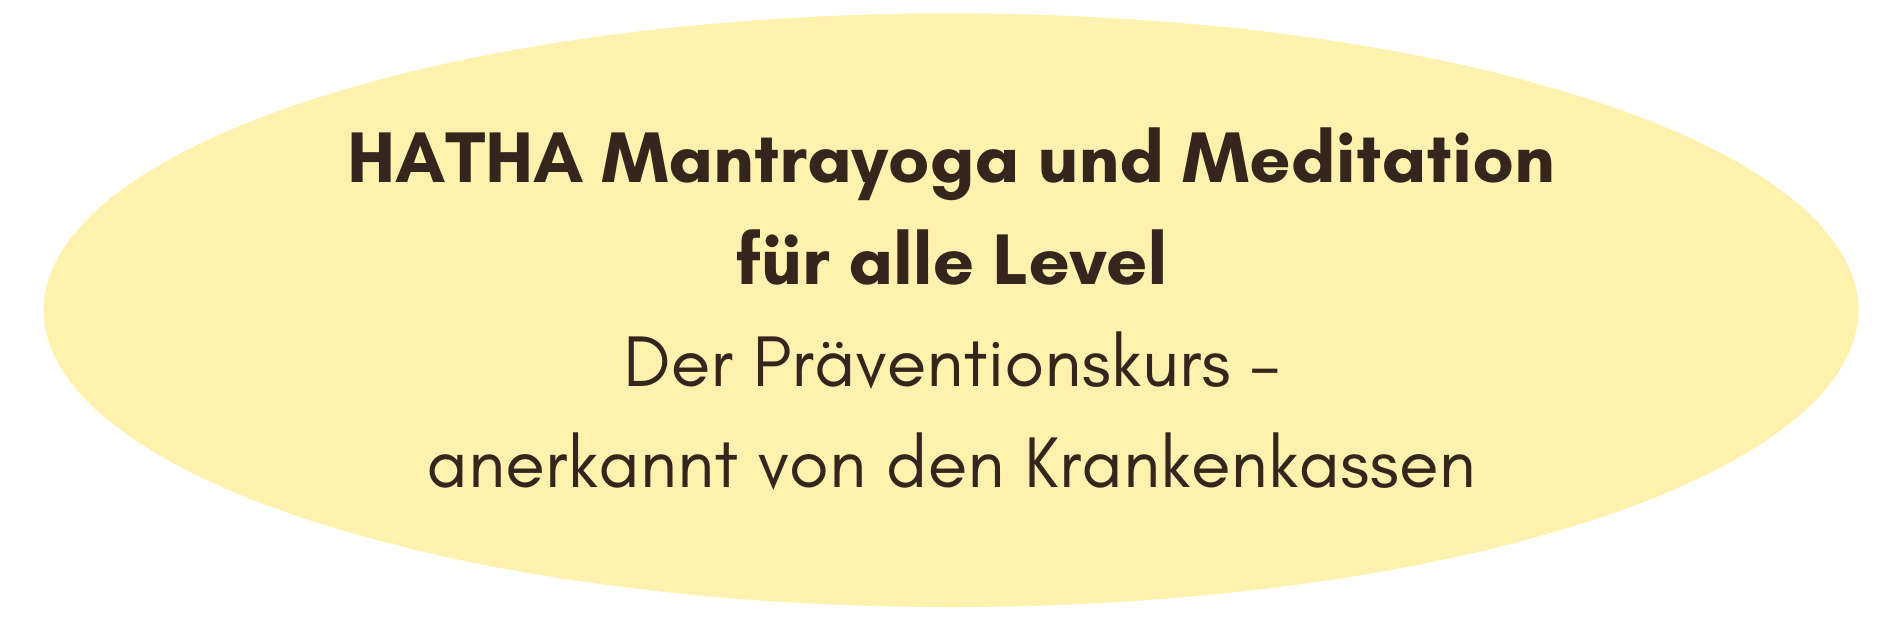 HATHA Mantrayoga und Meditation für alle Level Der Präventionskurs – anerkannt von den Krankenkassen